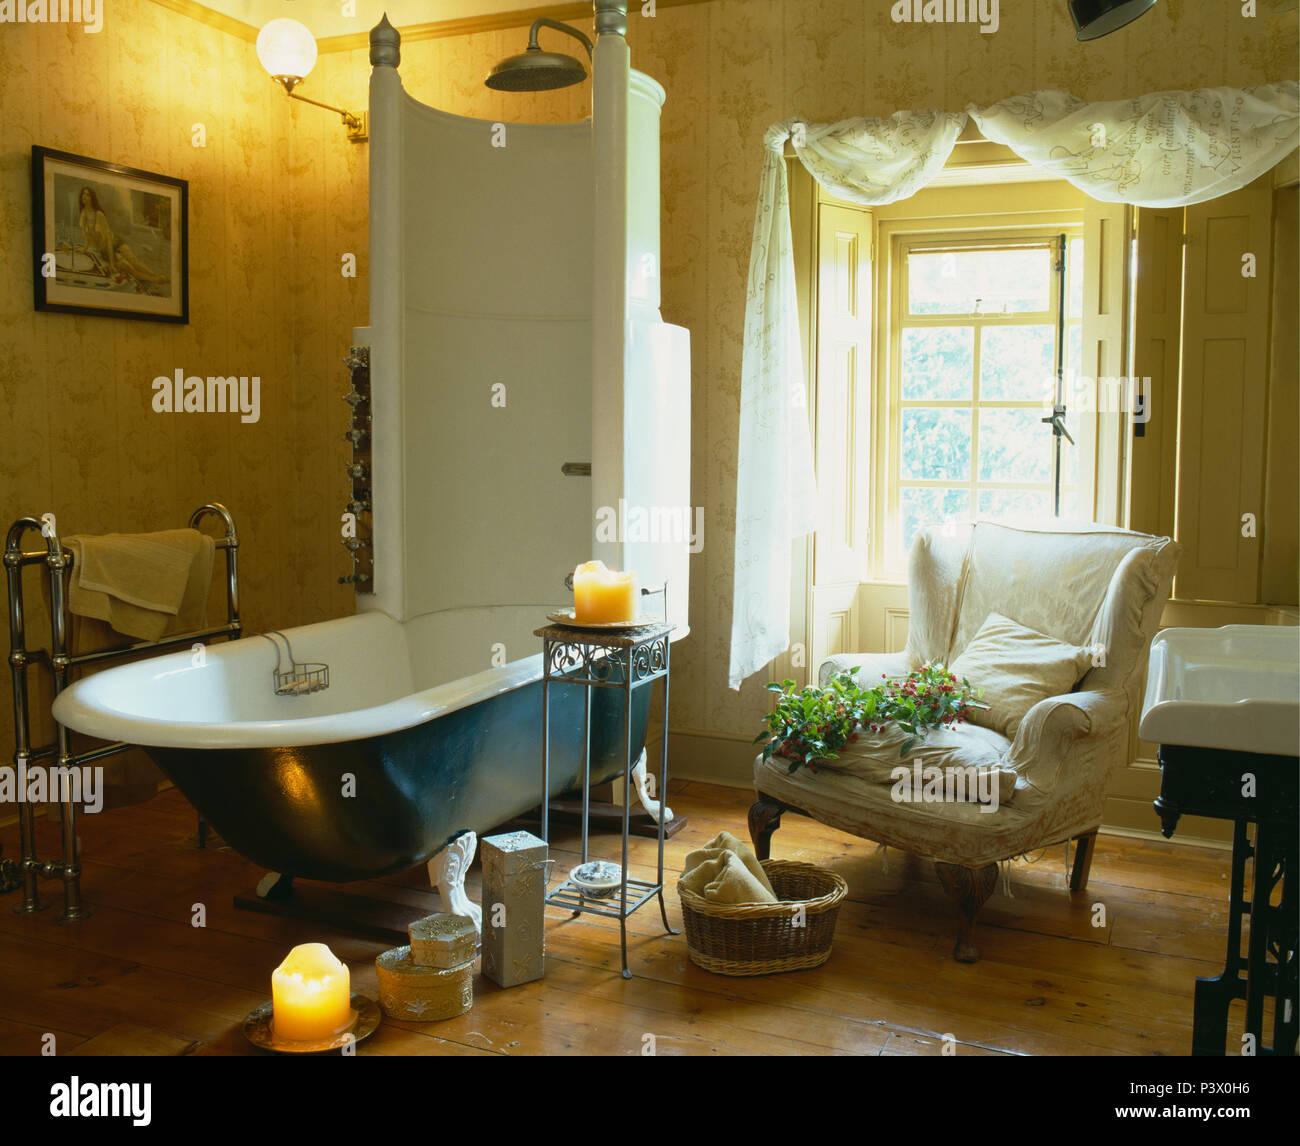 Vintage Edwardian freistehende Badewanne mit integrierter Dusche in ...